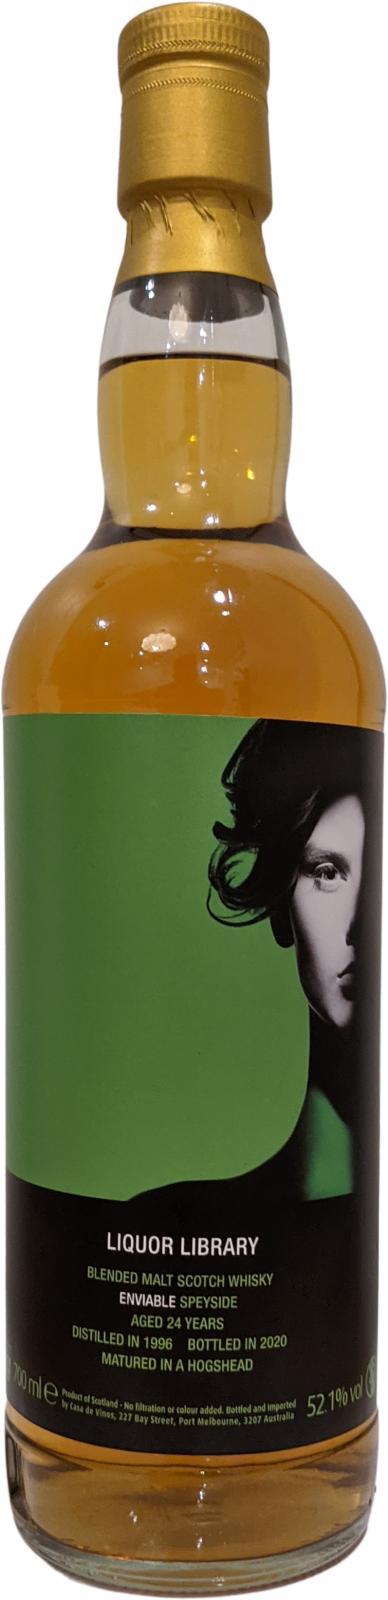 Blended Malt Scotch Whisky Enviable Speyside